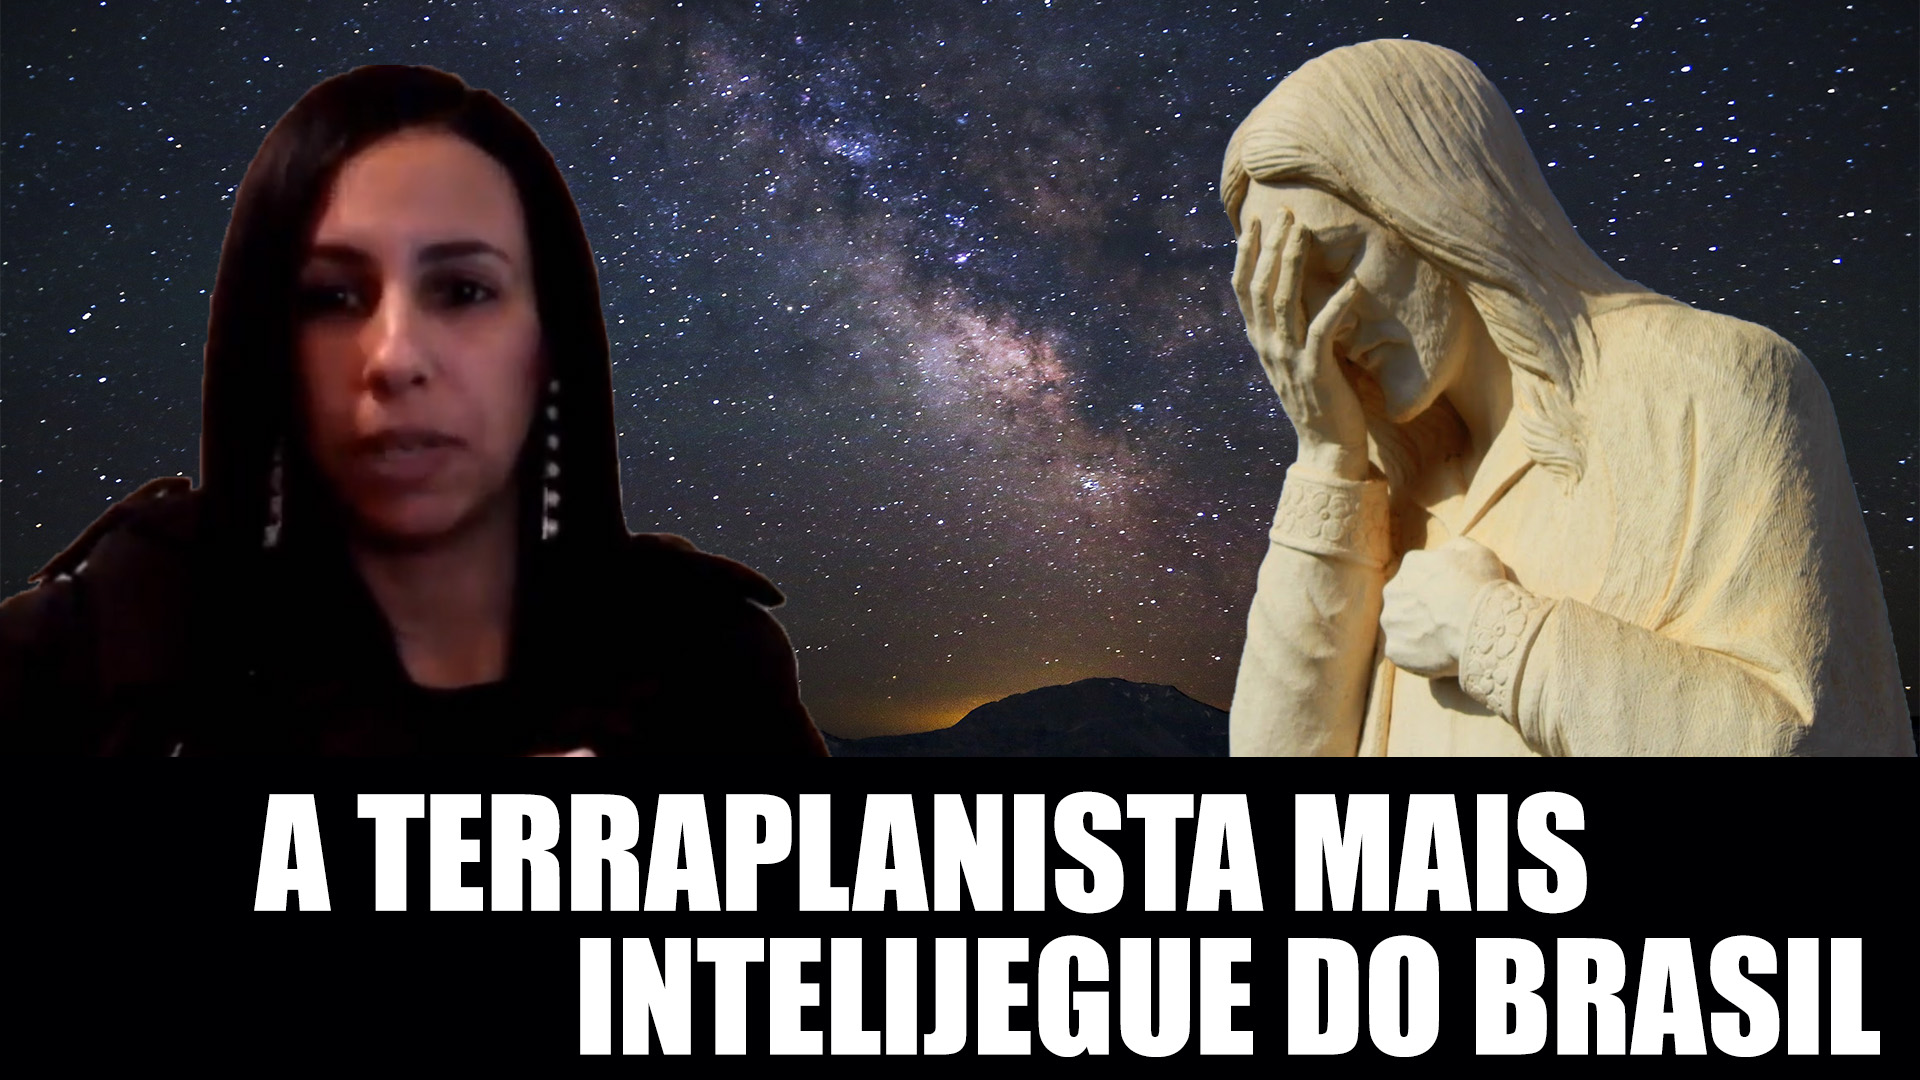 A TERRAPLANISTA MAIS INTELIJEGUE DO BRASIL